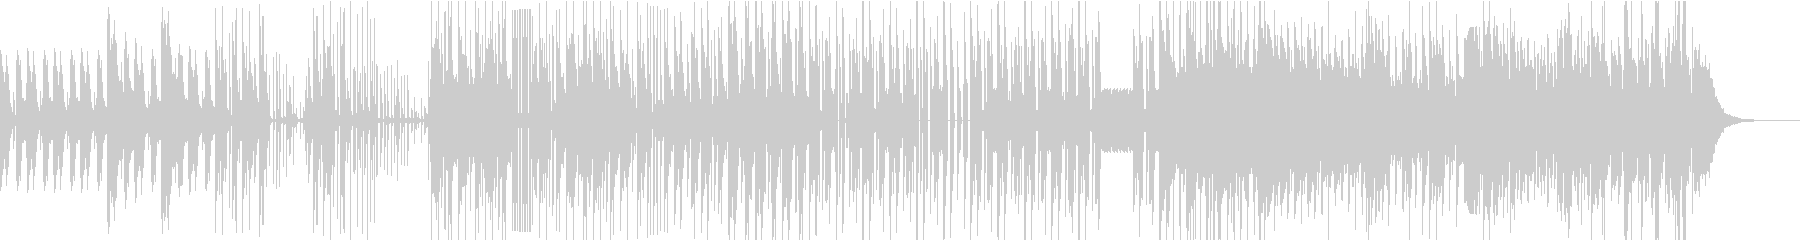 低音が効いたChill Mixの未再生の波形